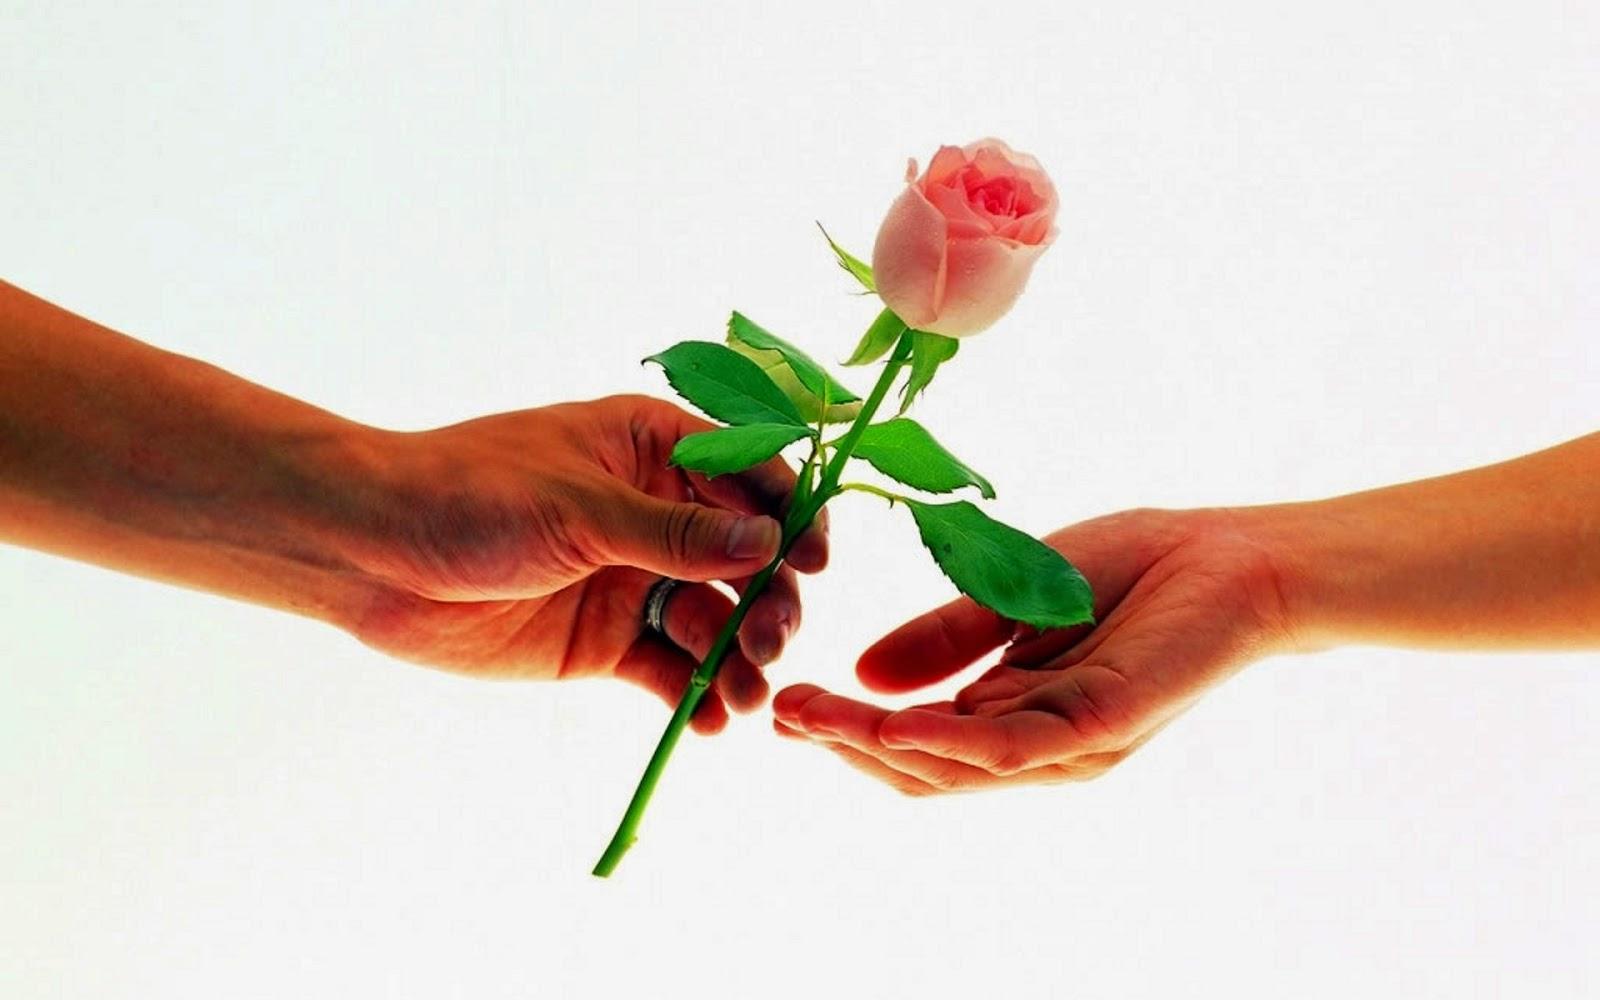 Imagenes De Rosas Para Enamorados - Frases y pensamientos de amor con imagenes bonitas de